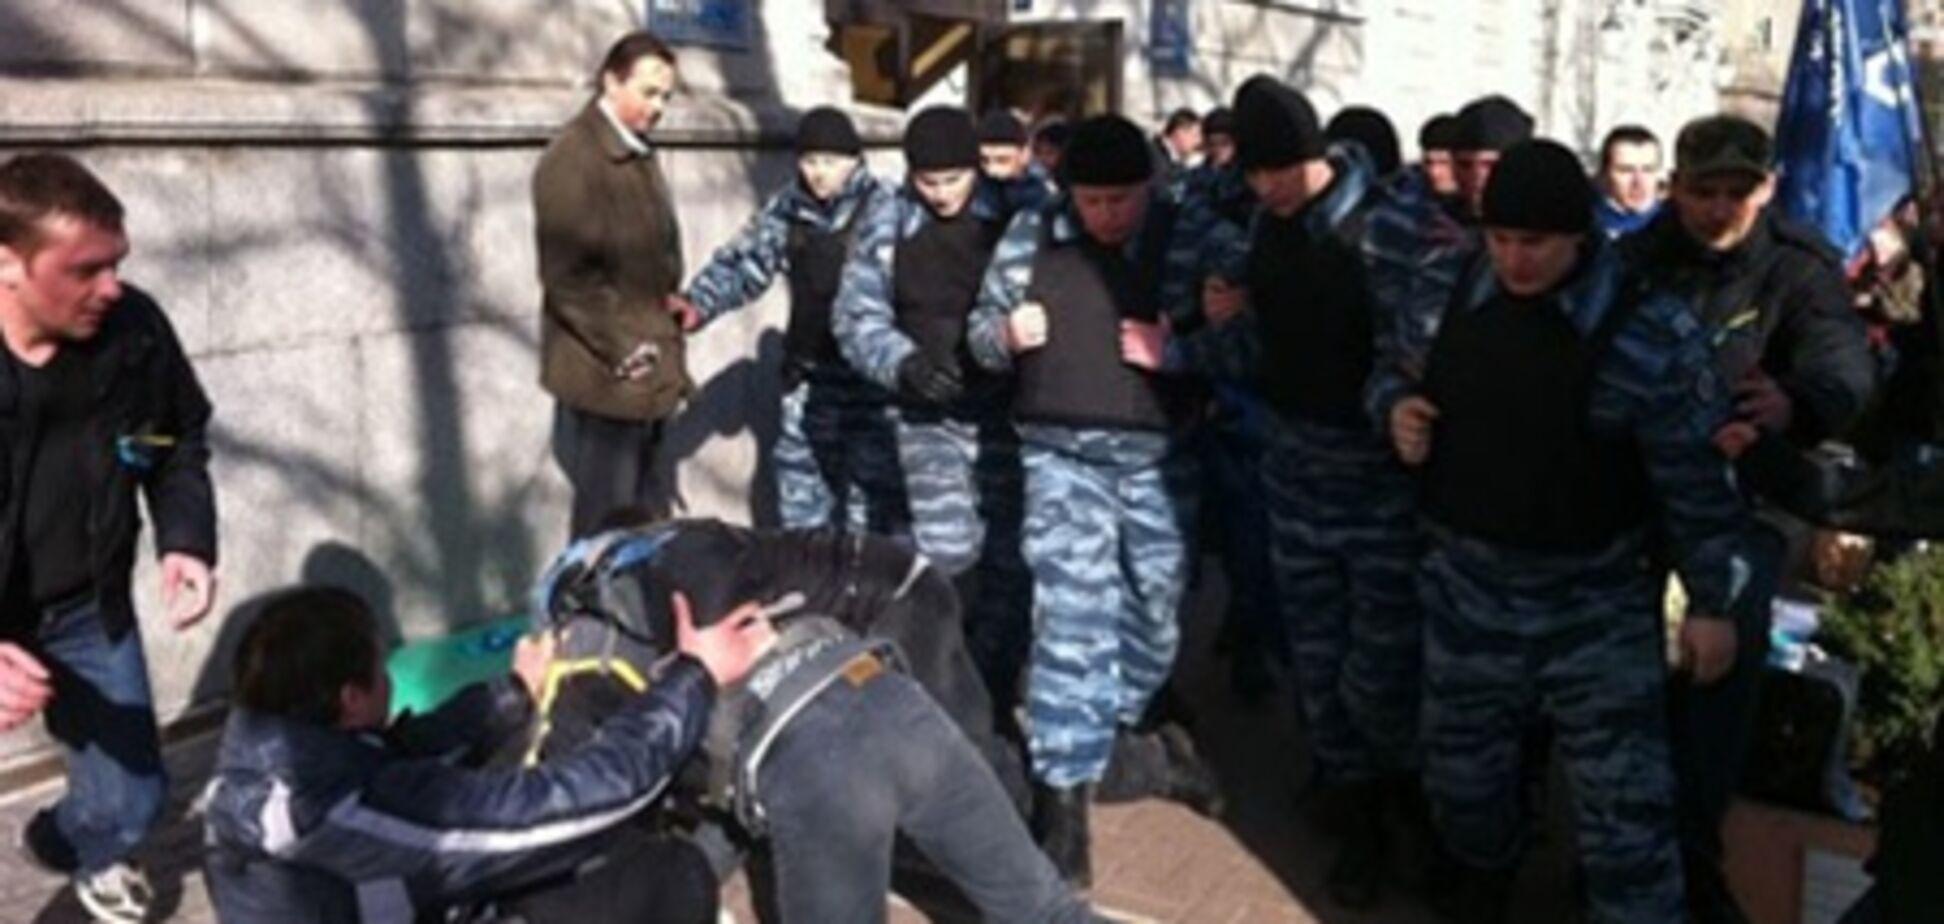 Під будівлею 'Нафтогазу' 'Беркут' напав на активістів. Фото